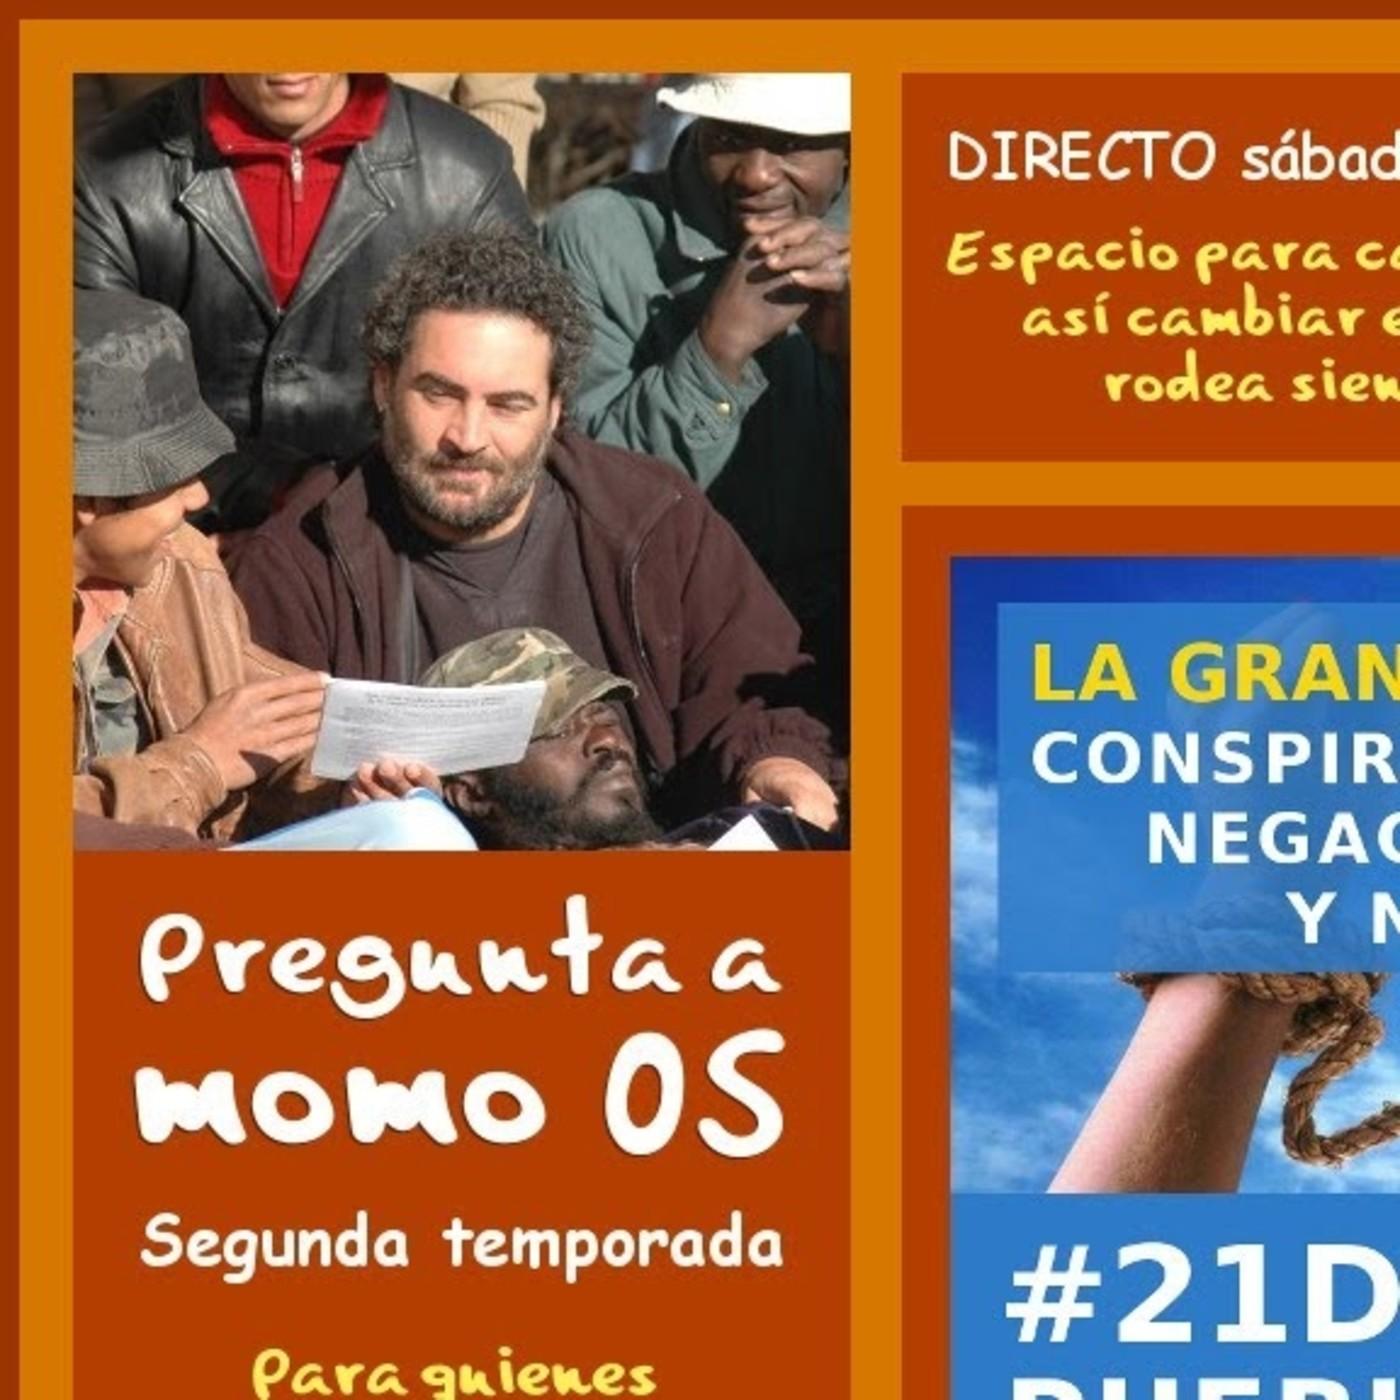 Pregunta a momo 05 - LA GRAN MENTIRA D CONSPIRACIONISTAS + NEGACIONISTAS + NECIOS